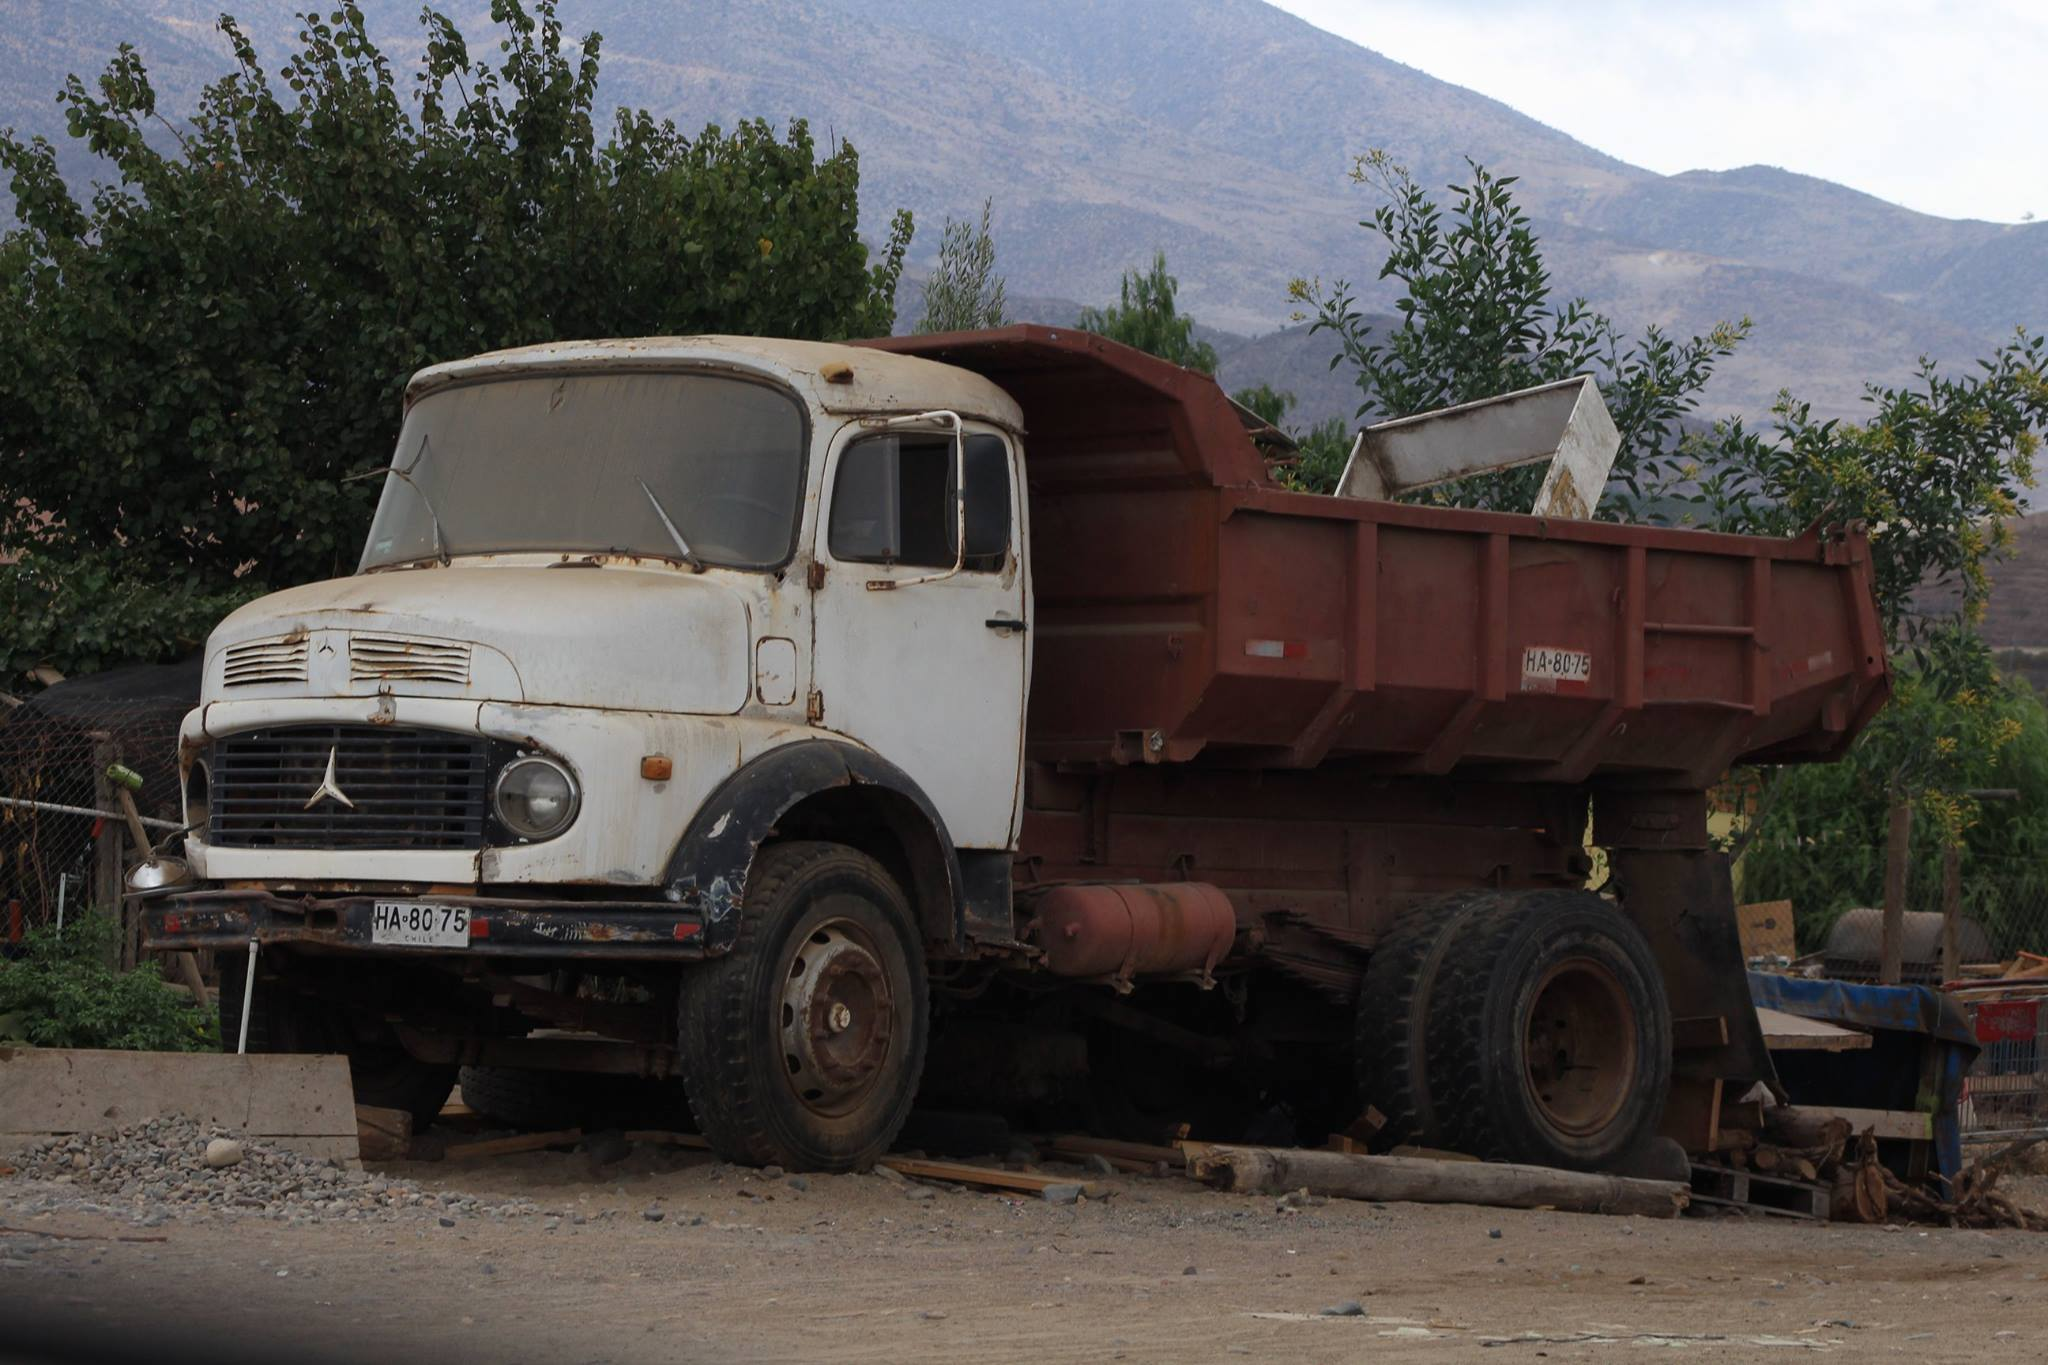 Camiones-vieja-escuela-olvidados-19